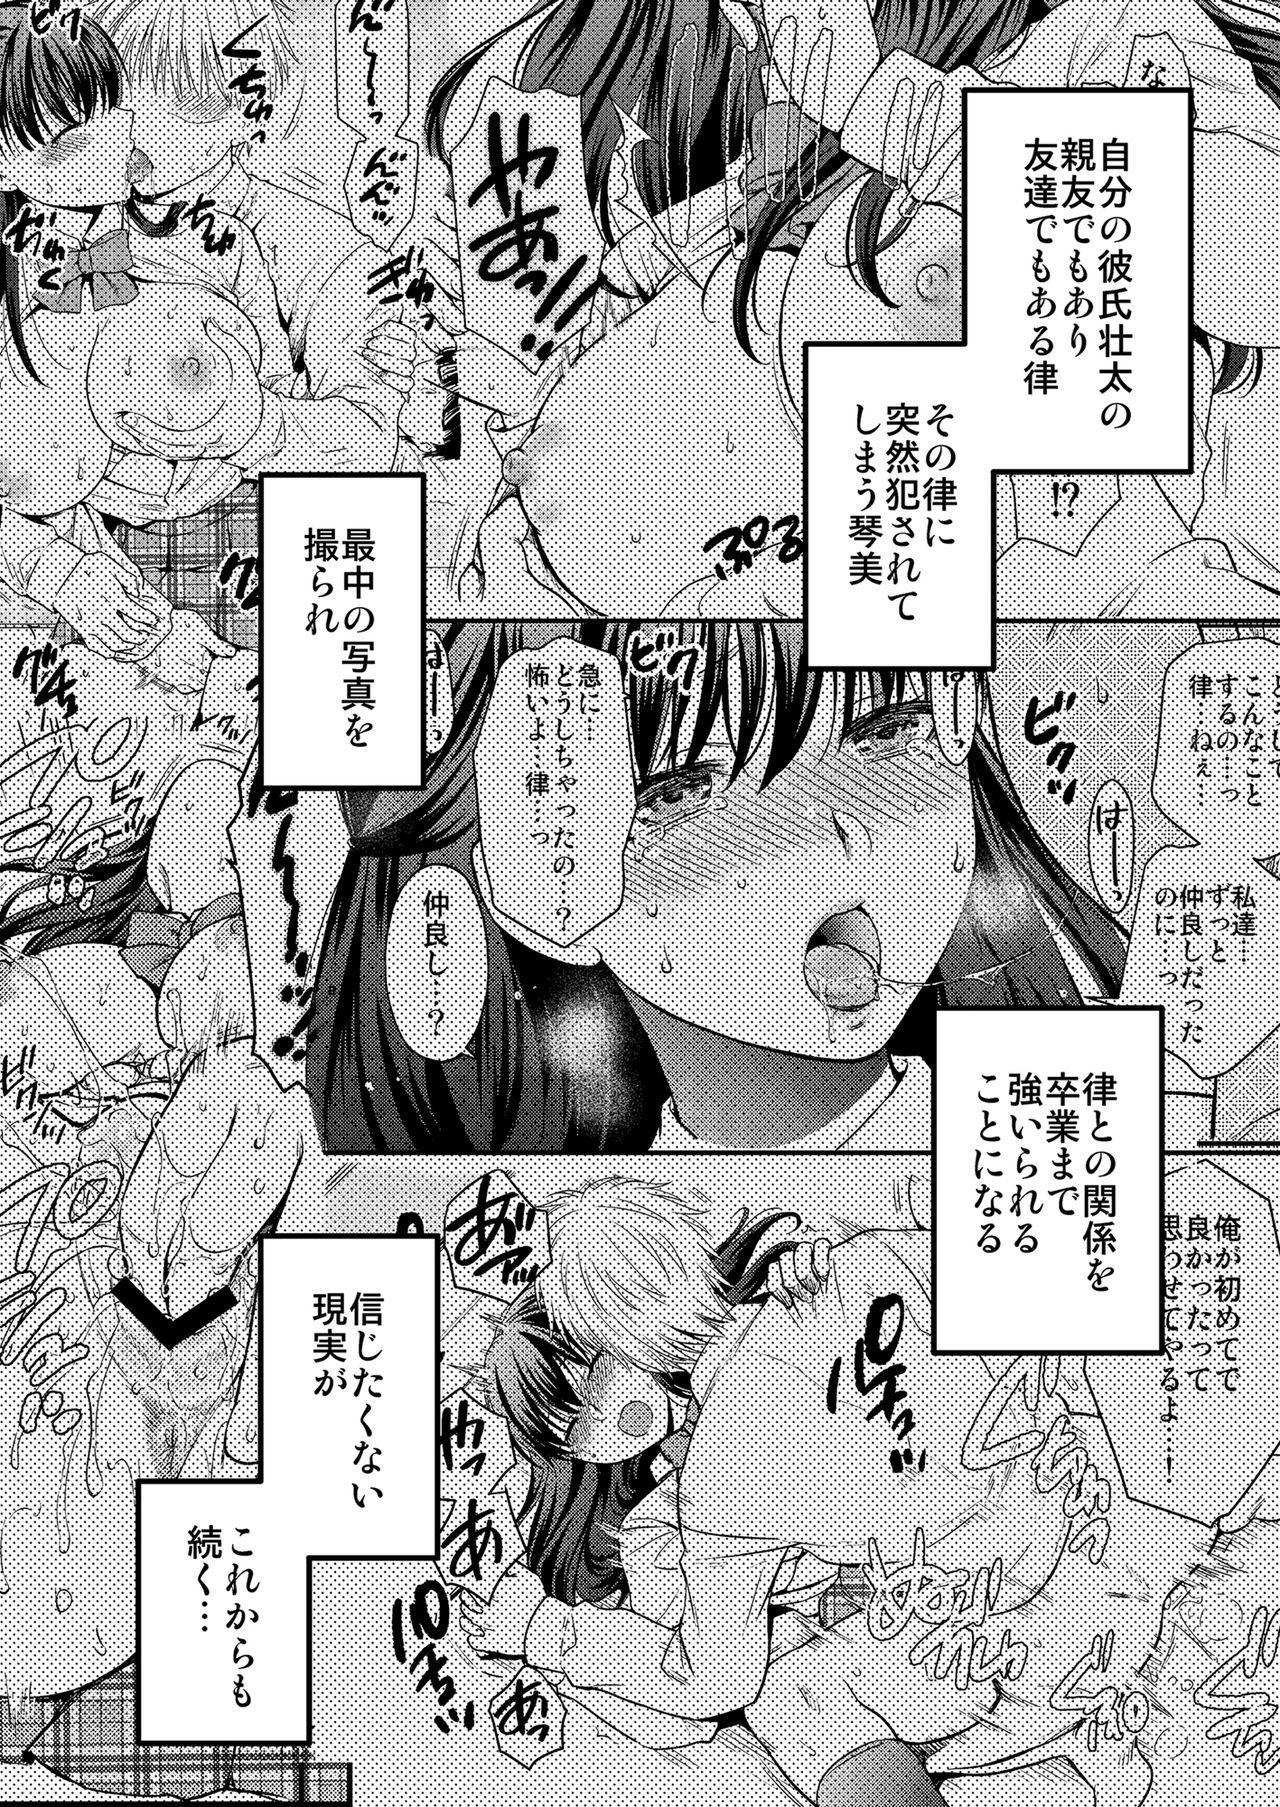 Anata no Shinyuu ni Dakarete 2 4